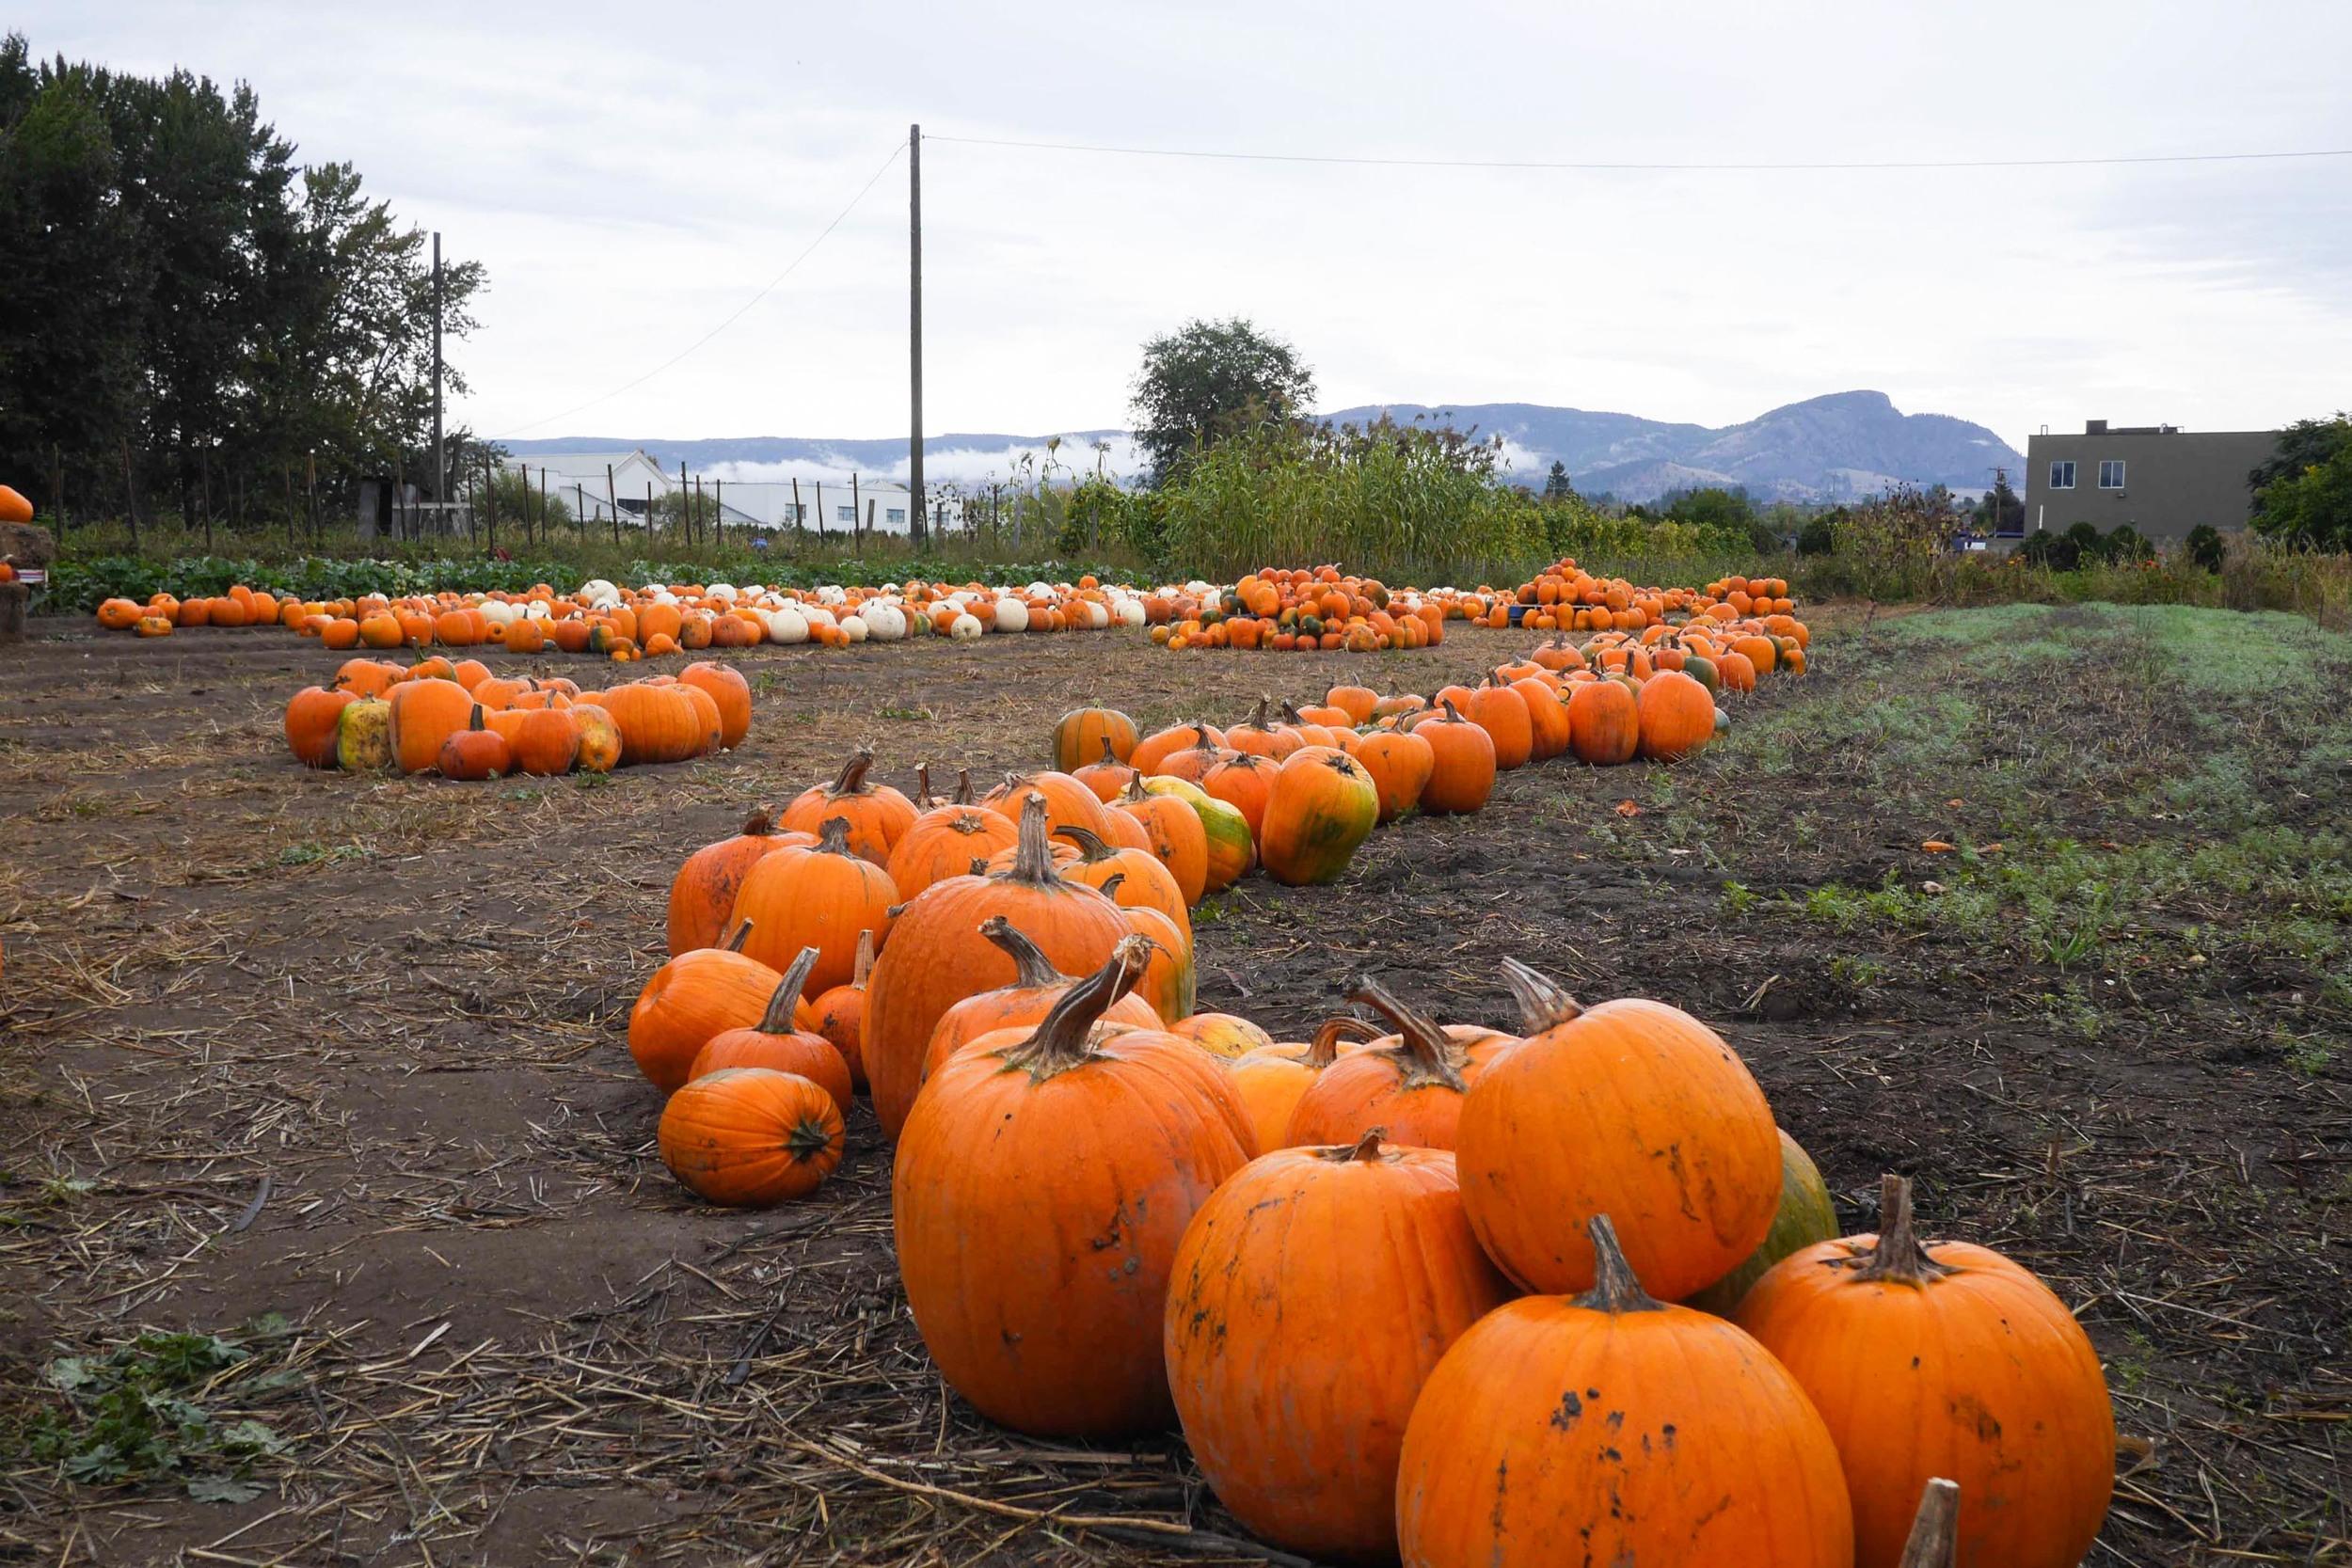 autumn okanagan valley weekend